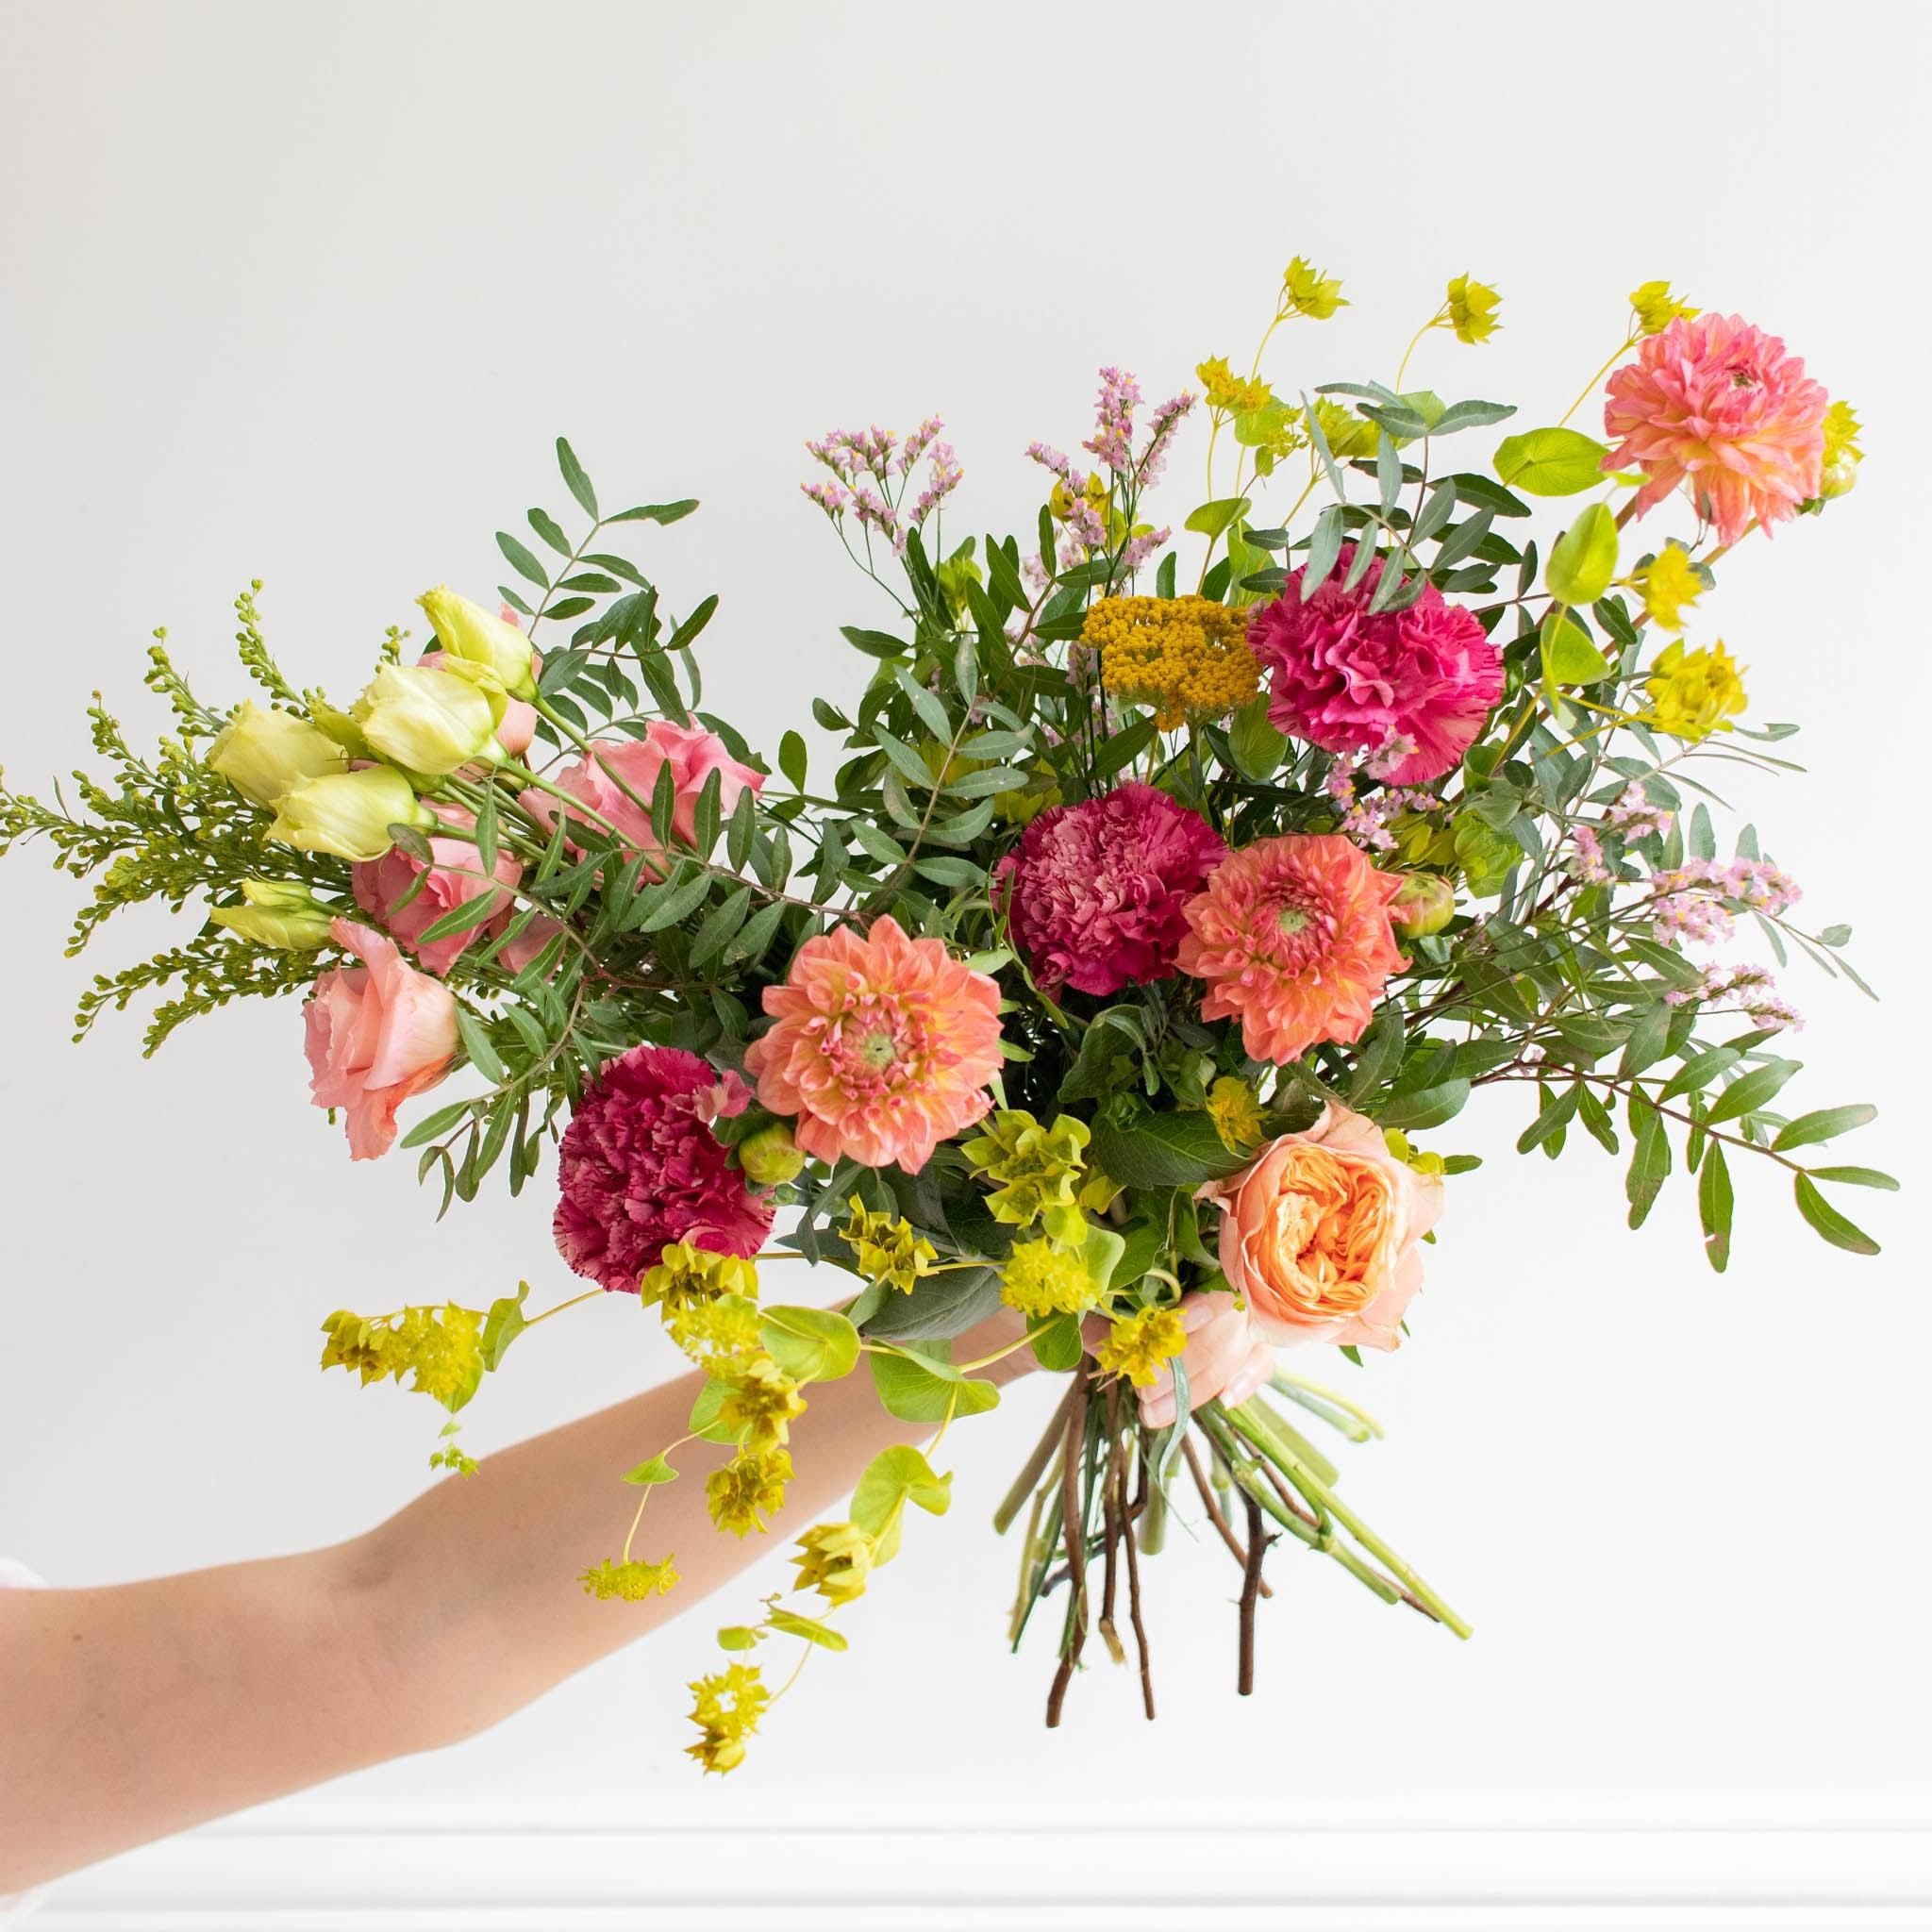 """Blumenstrauß Punta del Este - Innerhalb der nächsten zwei Wochen spenden wir pro verkauftem Blumenstrauß 2€ an """"Aktion Deutschland hilft"""" und die Betroffenen der Hochwasser-Katastrophe."""